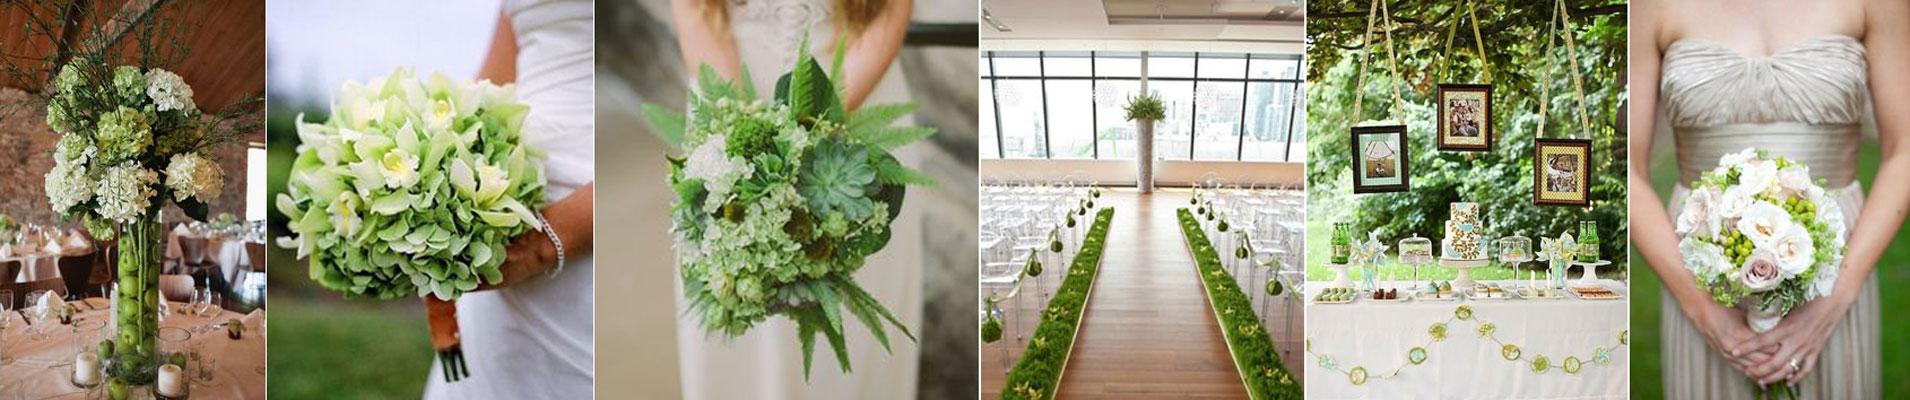 poradnik ślubny - dekoracje ślubne z zielonych kwiatów